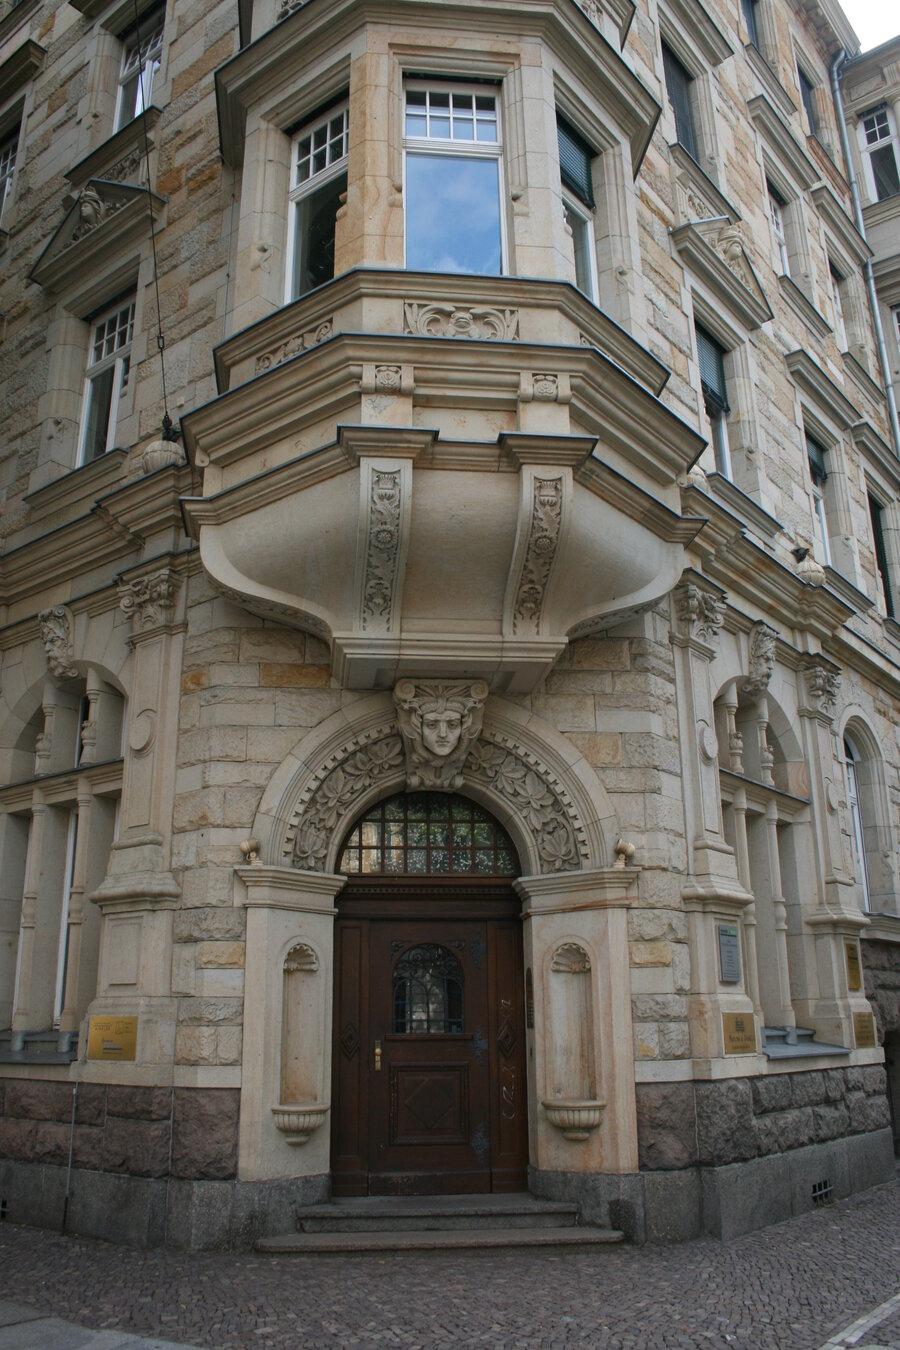 Rekonstruktion von alten Tür und Fensterelementen